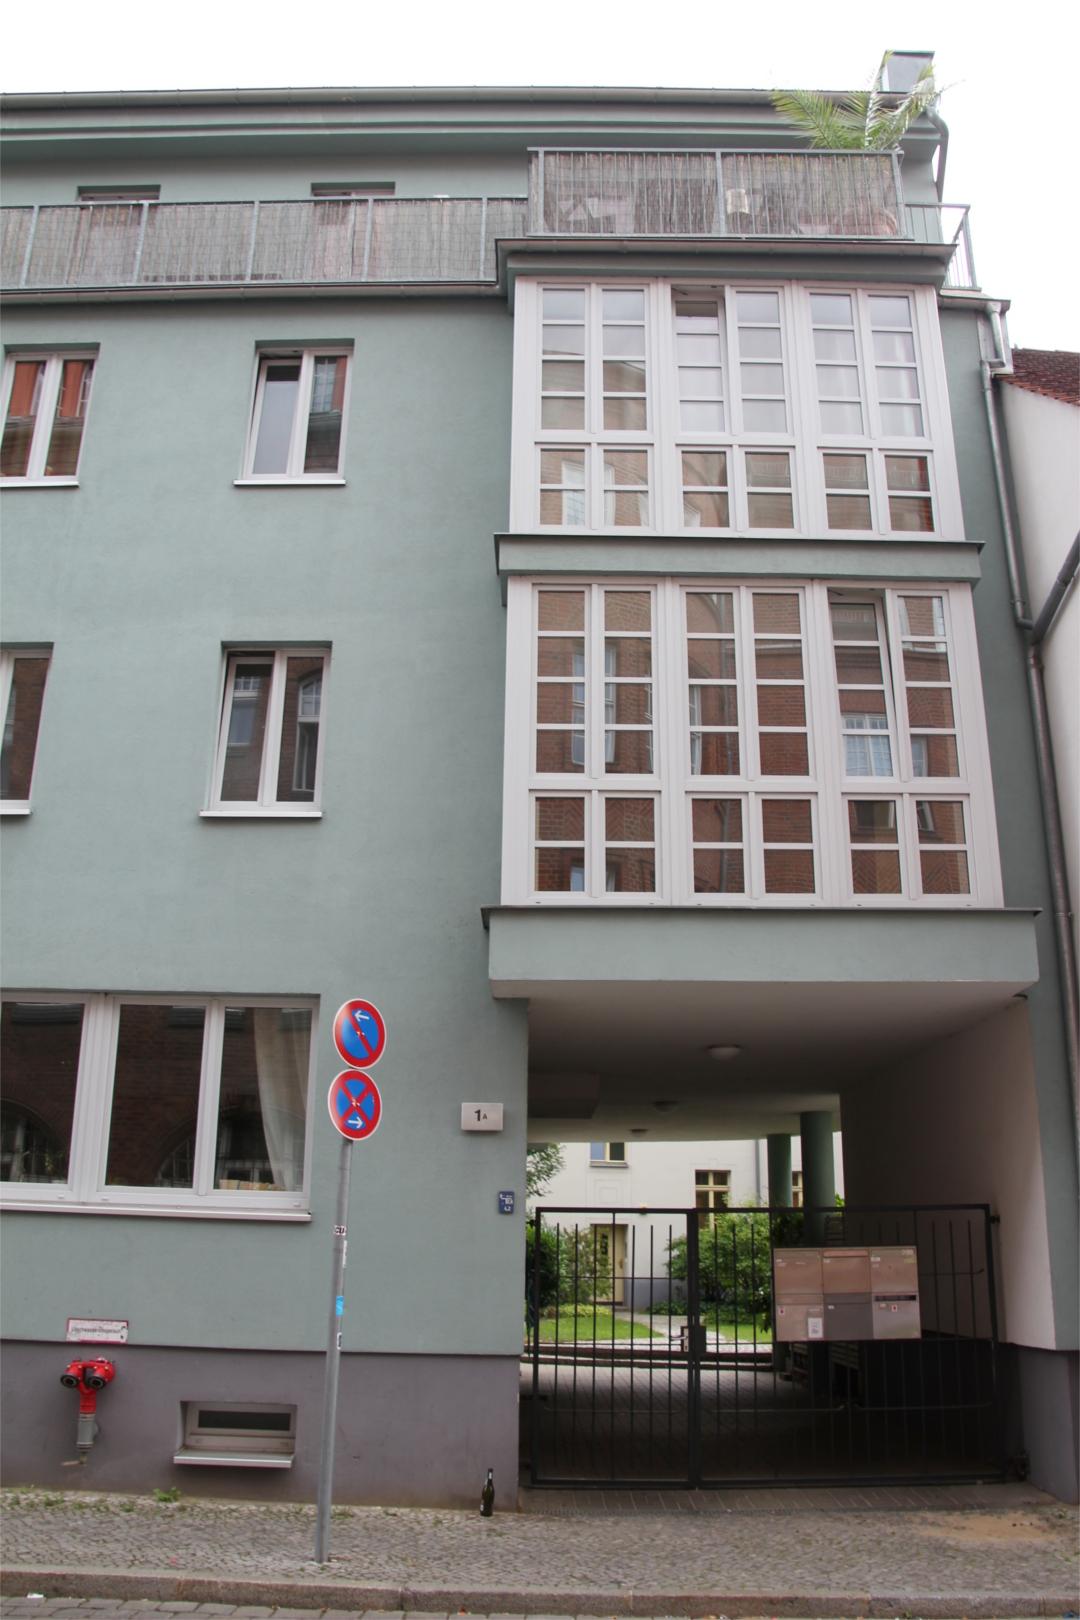 Böttcherstr-1a-12555-Berlin-2_small